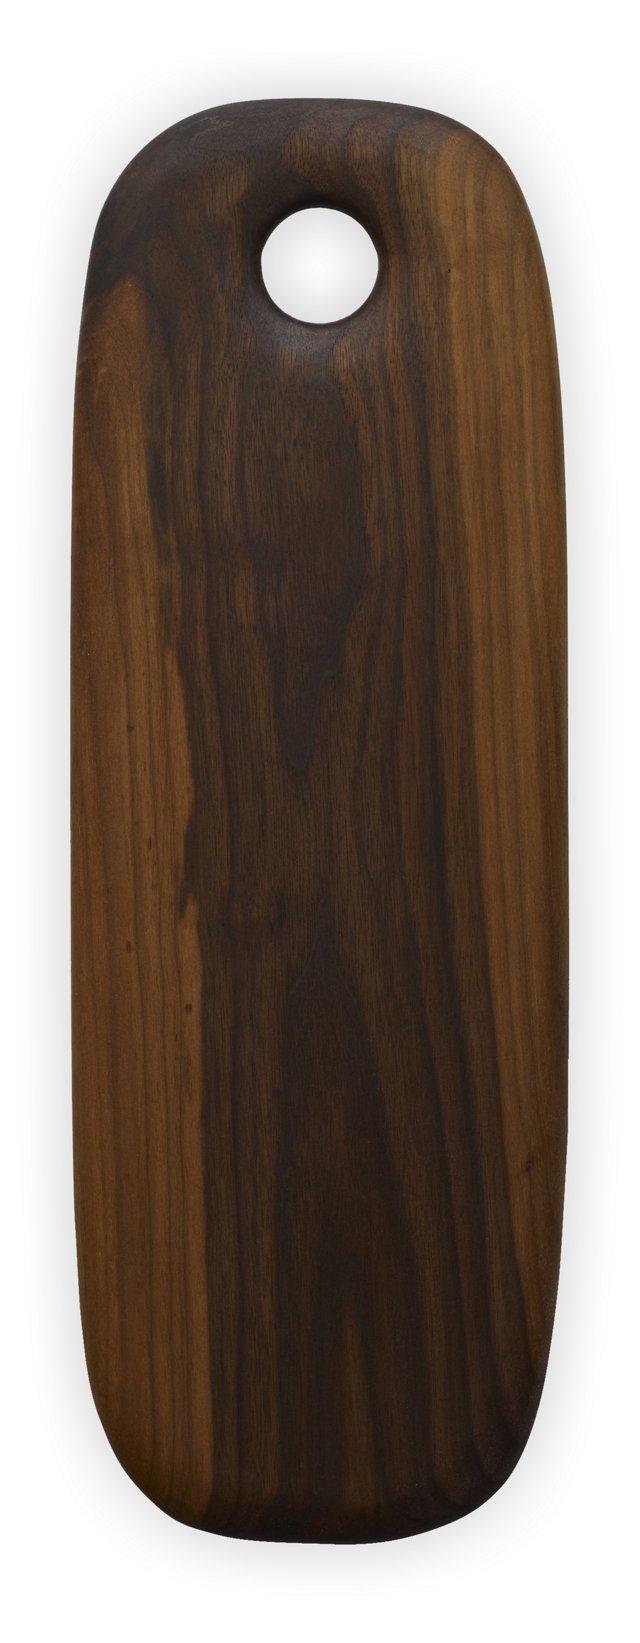 Solid Walnut Long-Rectangle Board